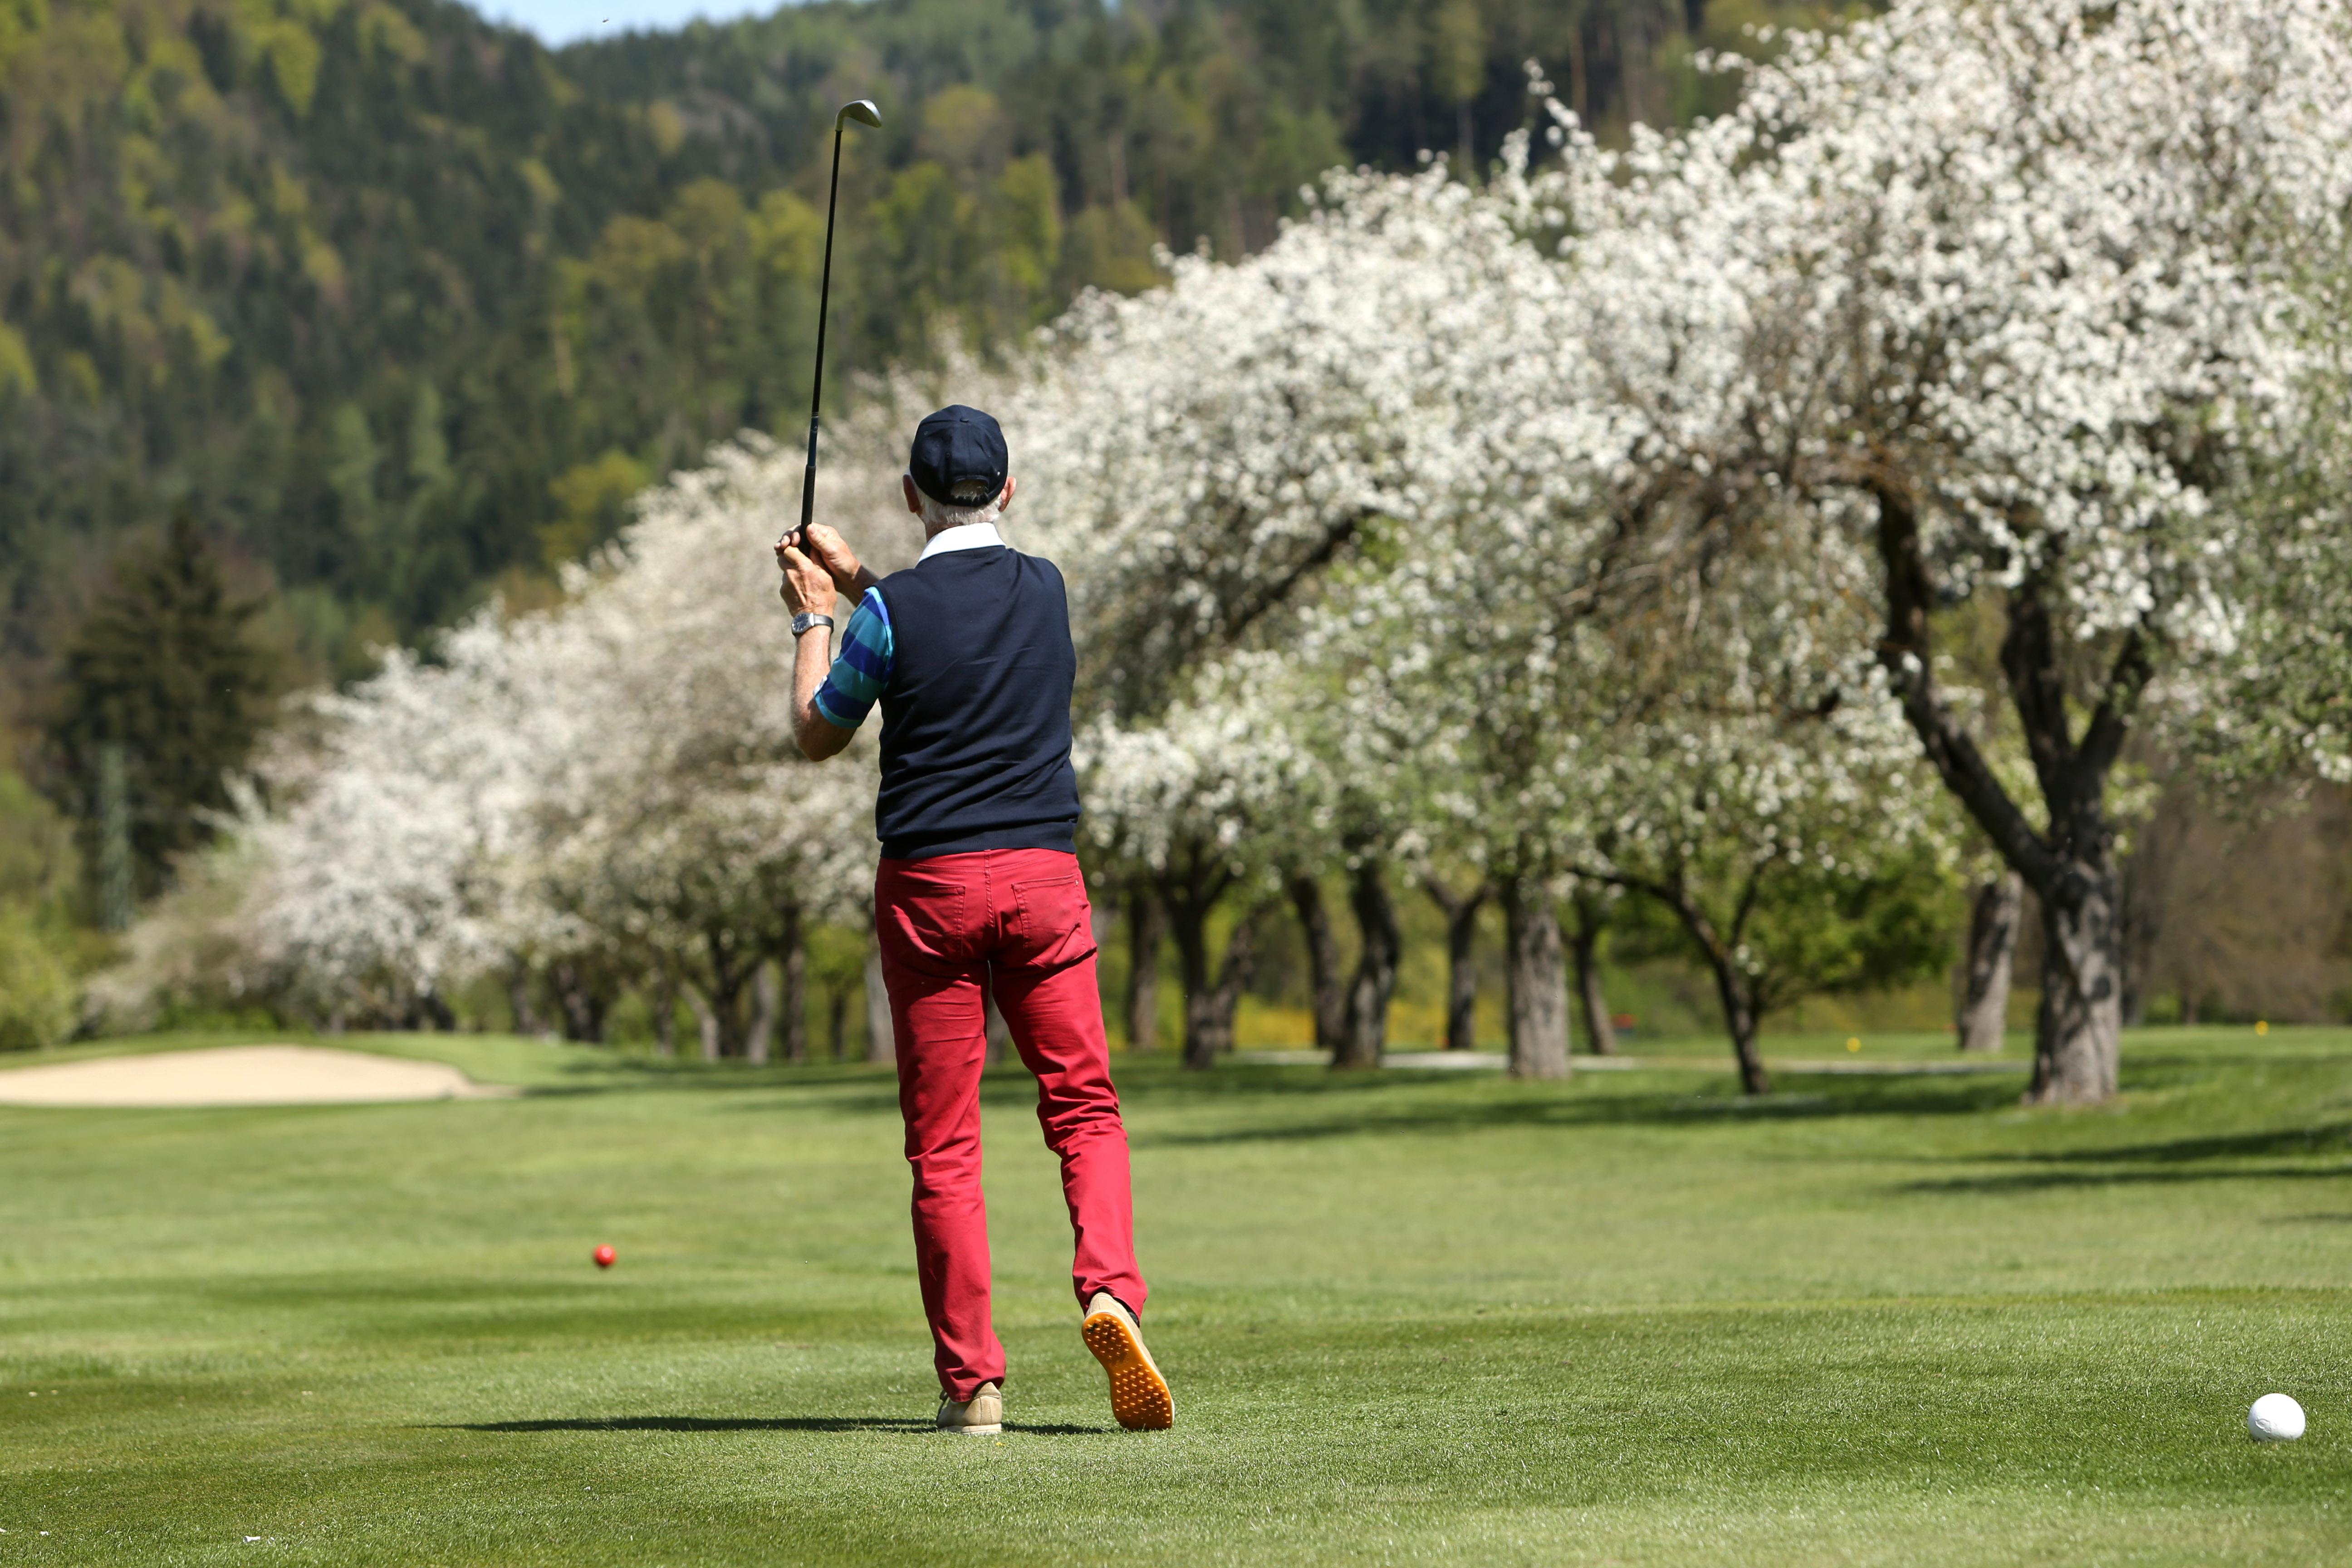 Eine Runde Golf kann am Murhof zum Erlebnis werden. (Quelle: Murhof Gruppe)